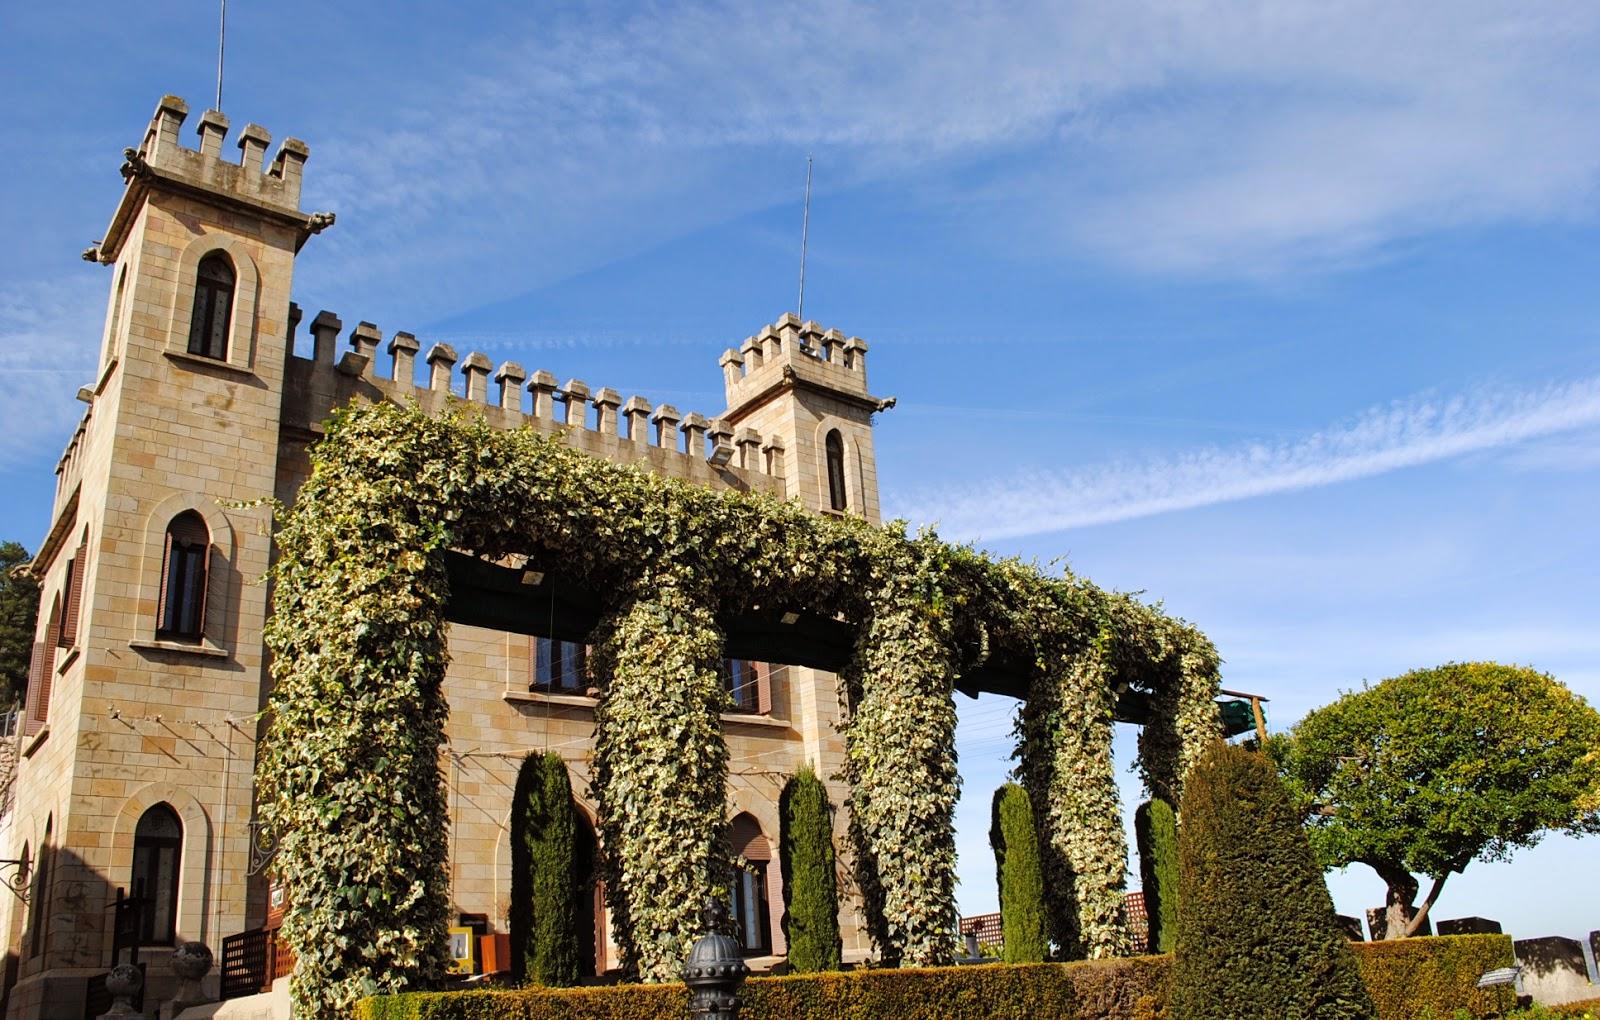 mirador del castell